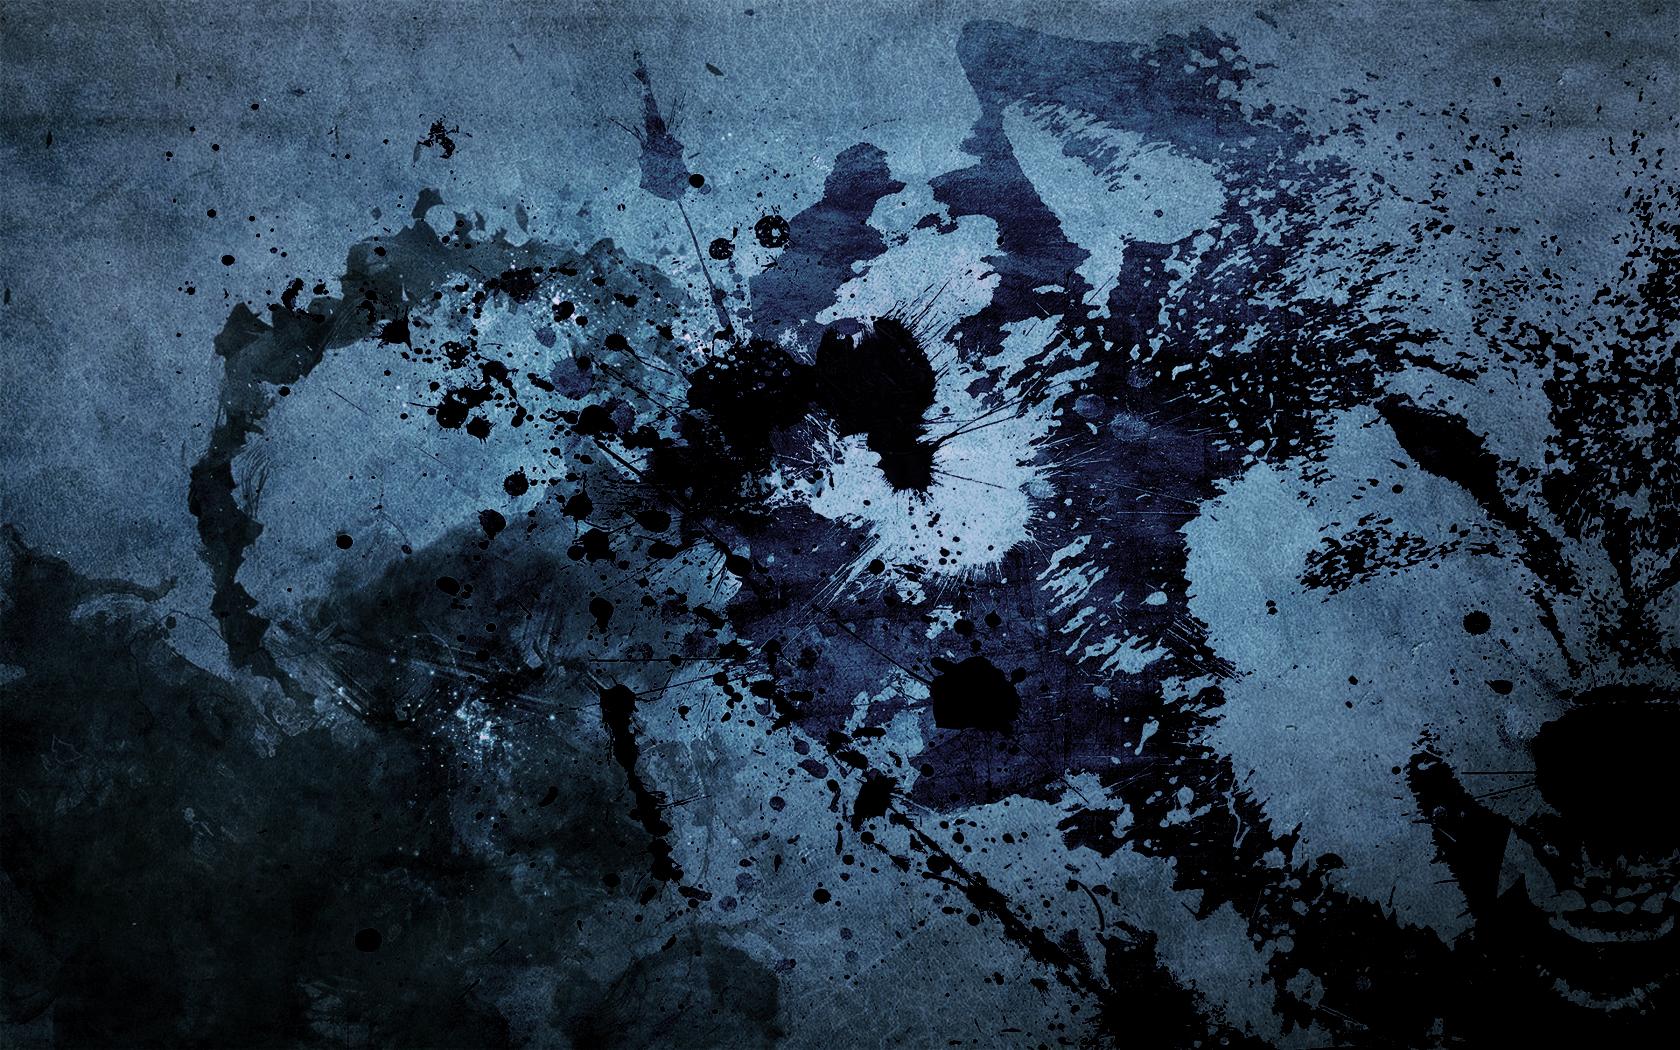 Artistic - Painting  Dark Artistic Wallpaper